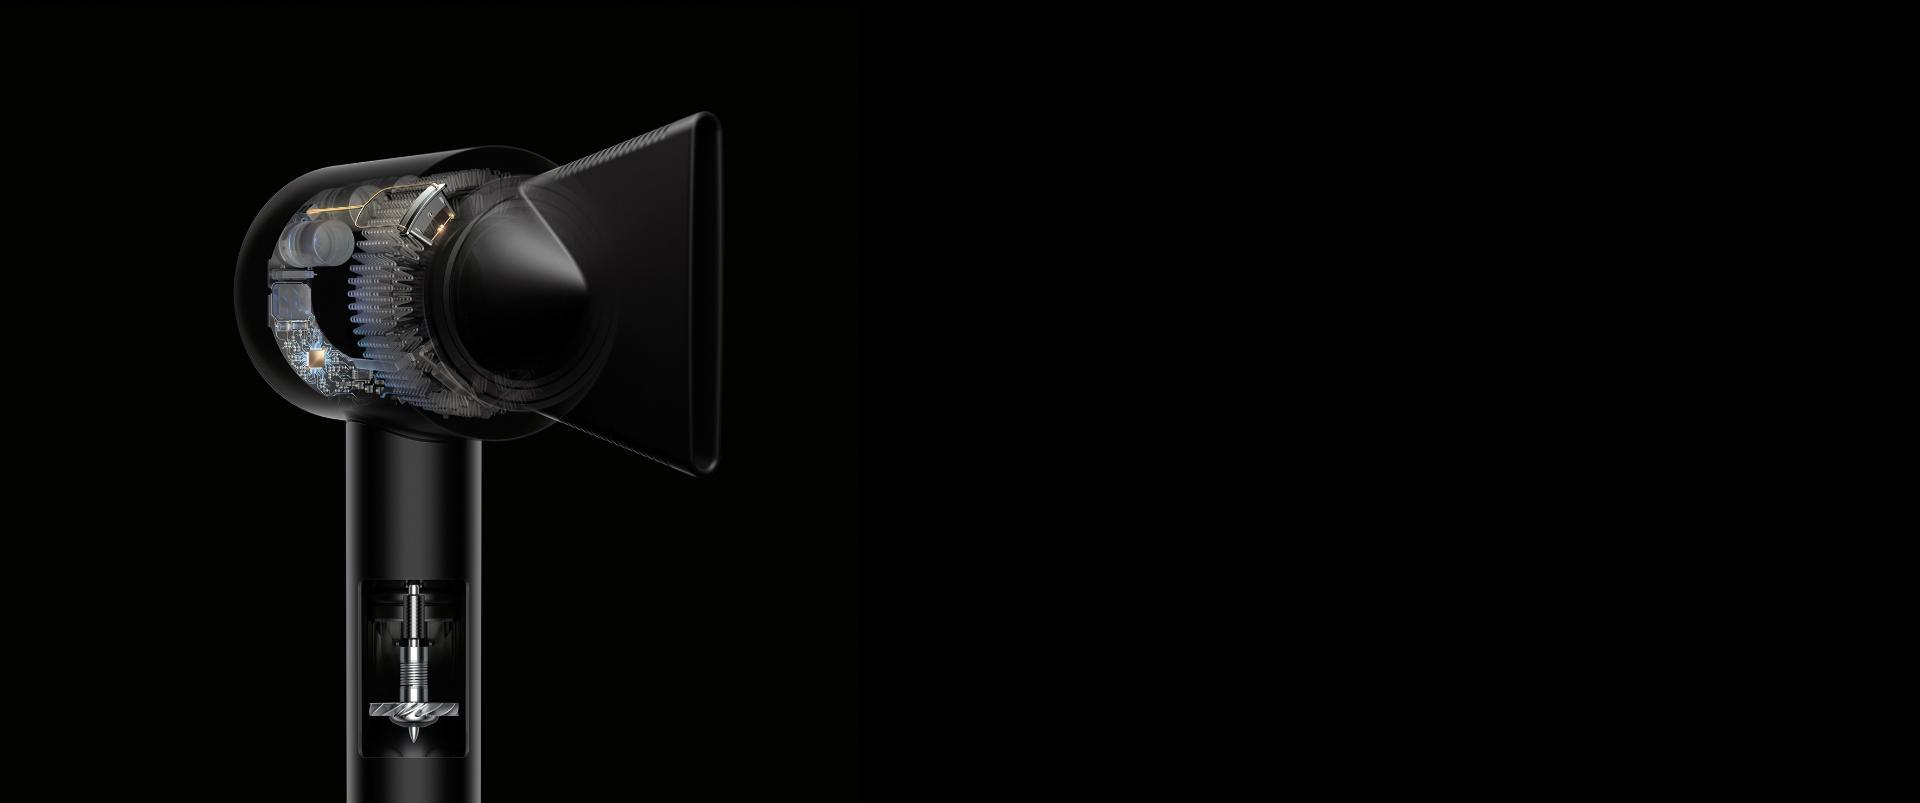 أشعة سينية داخل مجفف الشعر Dyson Supersonic، بما في ذلك المحرك